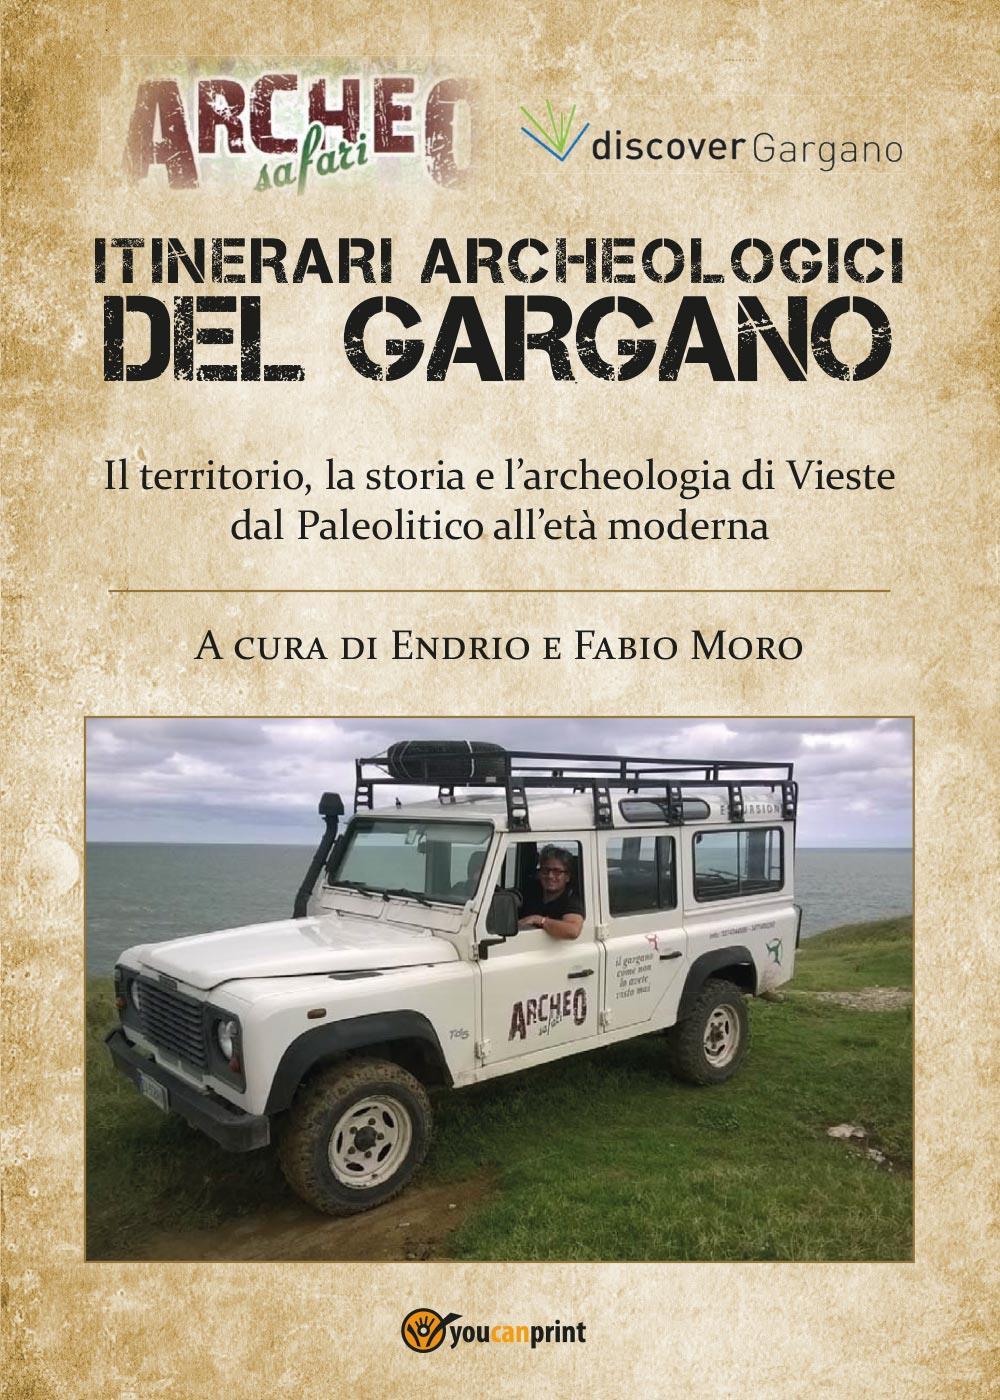 Itinerari archeologici del Gargano. Il territorio, la storia e l'archeologia di Vieste dal Paleolitico all'Età Moderna.